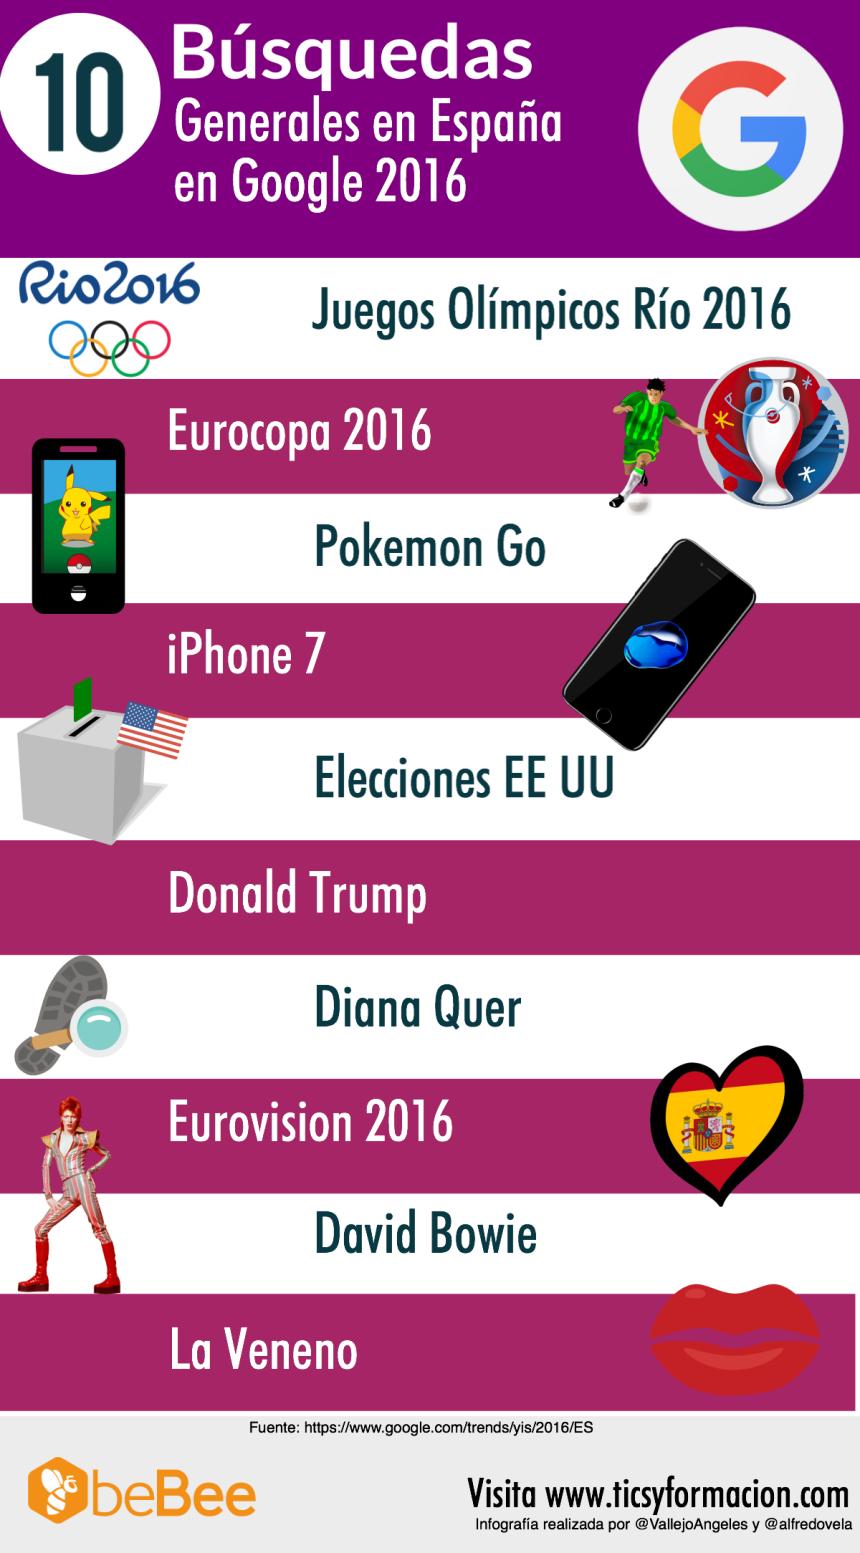 10 búsquedas generales realizadas en Google España en 2016